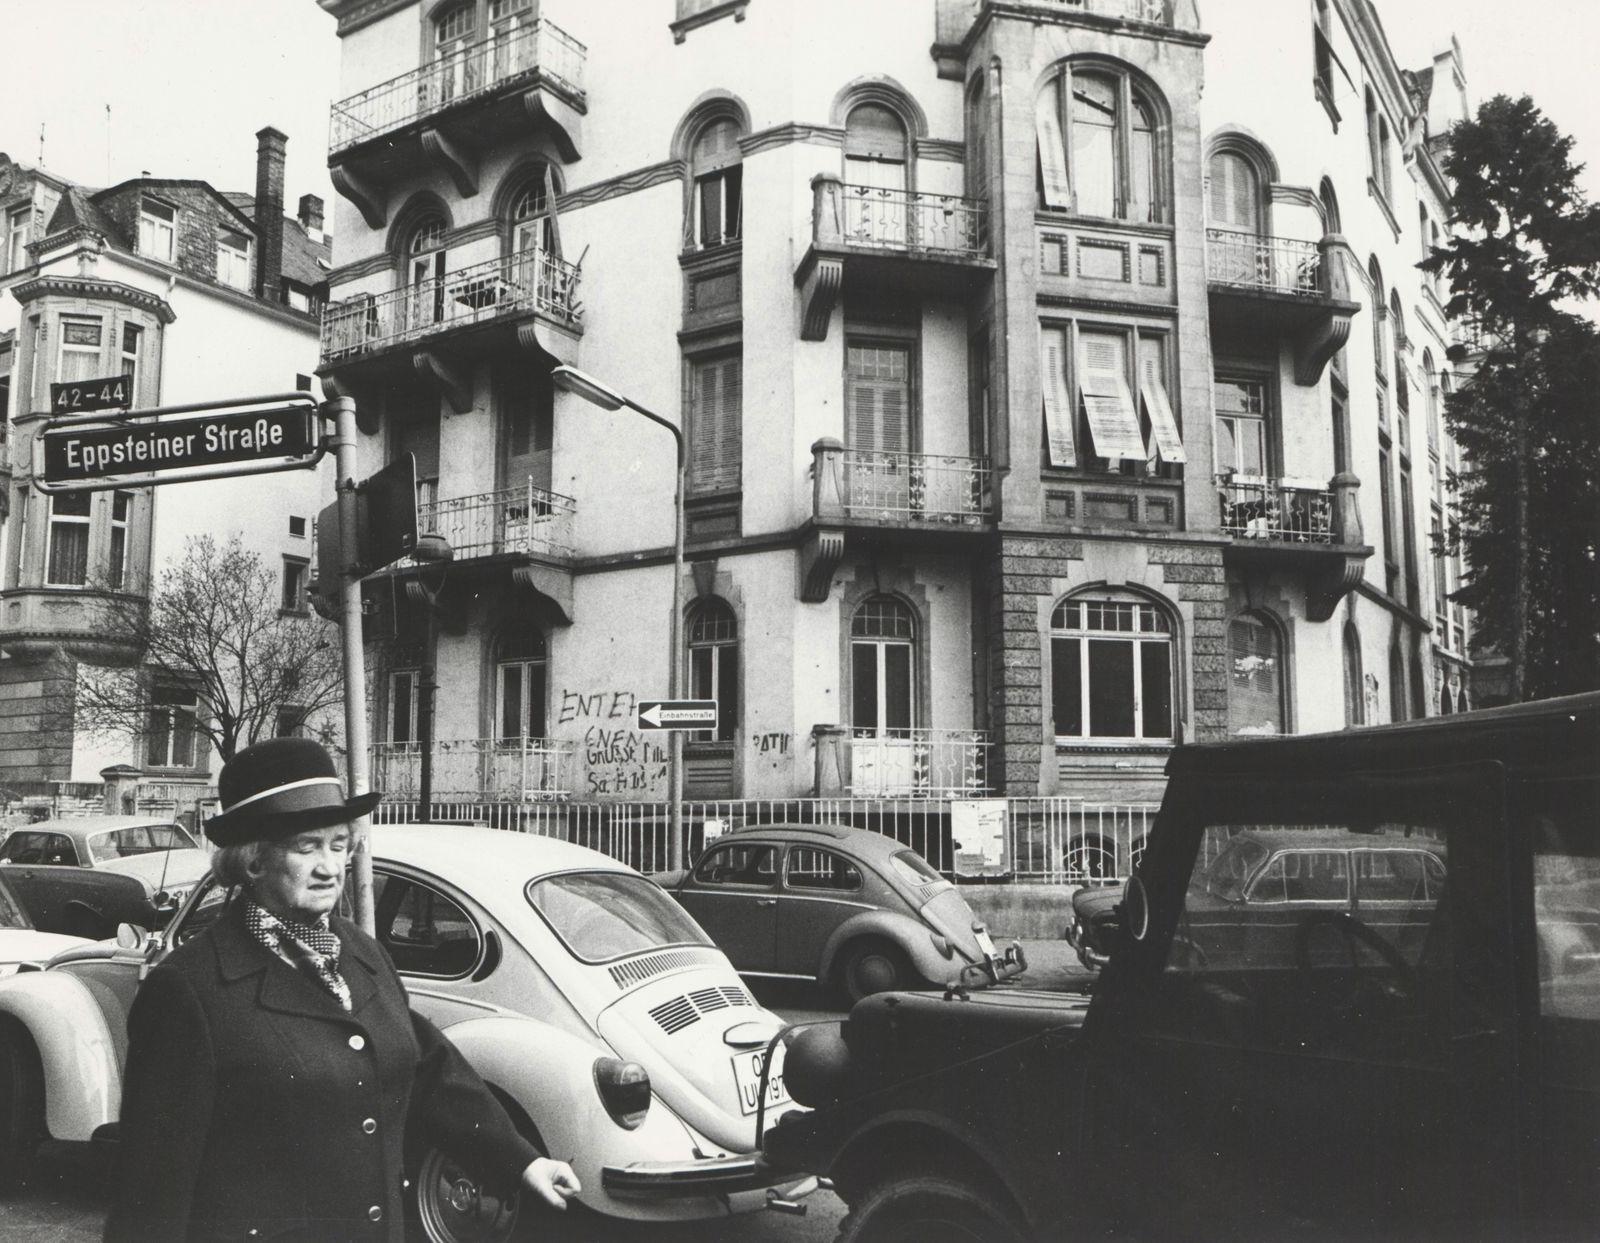 Besetztes Haus im Frankfurter Westend (Eppsteiner Stra?e 47)